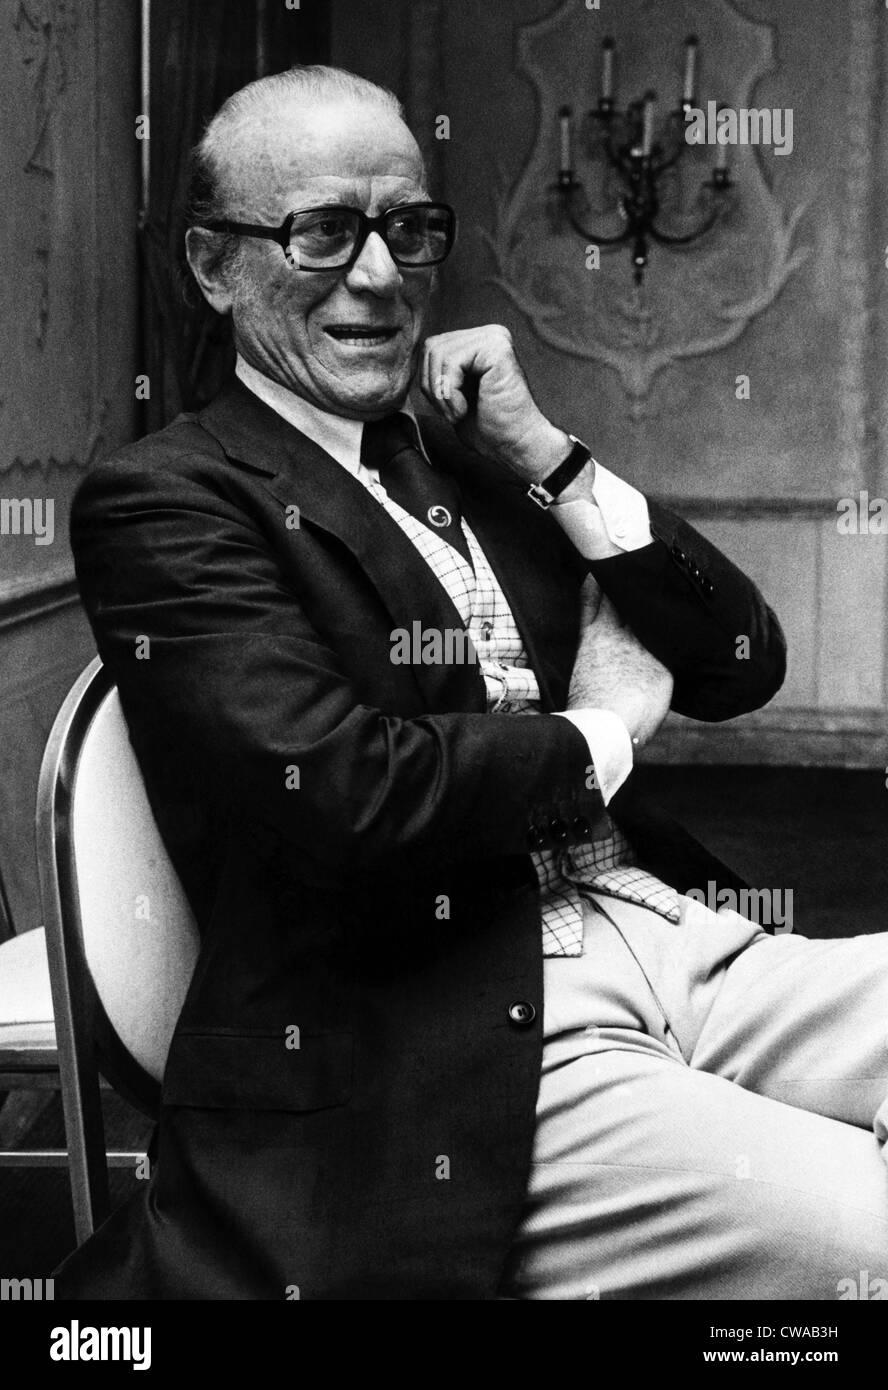 Aldo Gucci. ca. fine degli anni settanta. La cortesia: Archivi CSU/Everett collezione. Immagini Stock